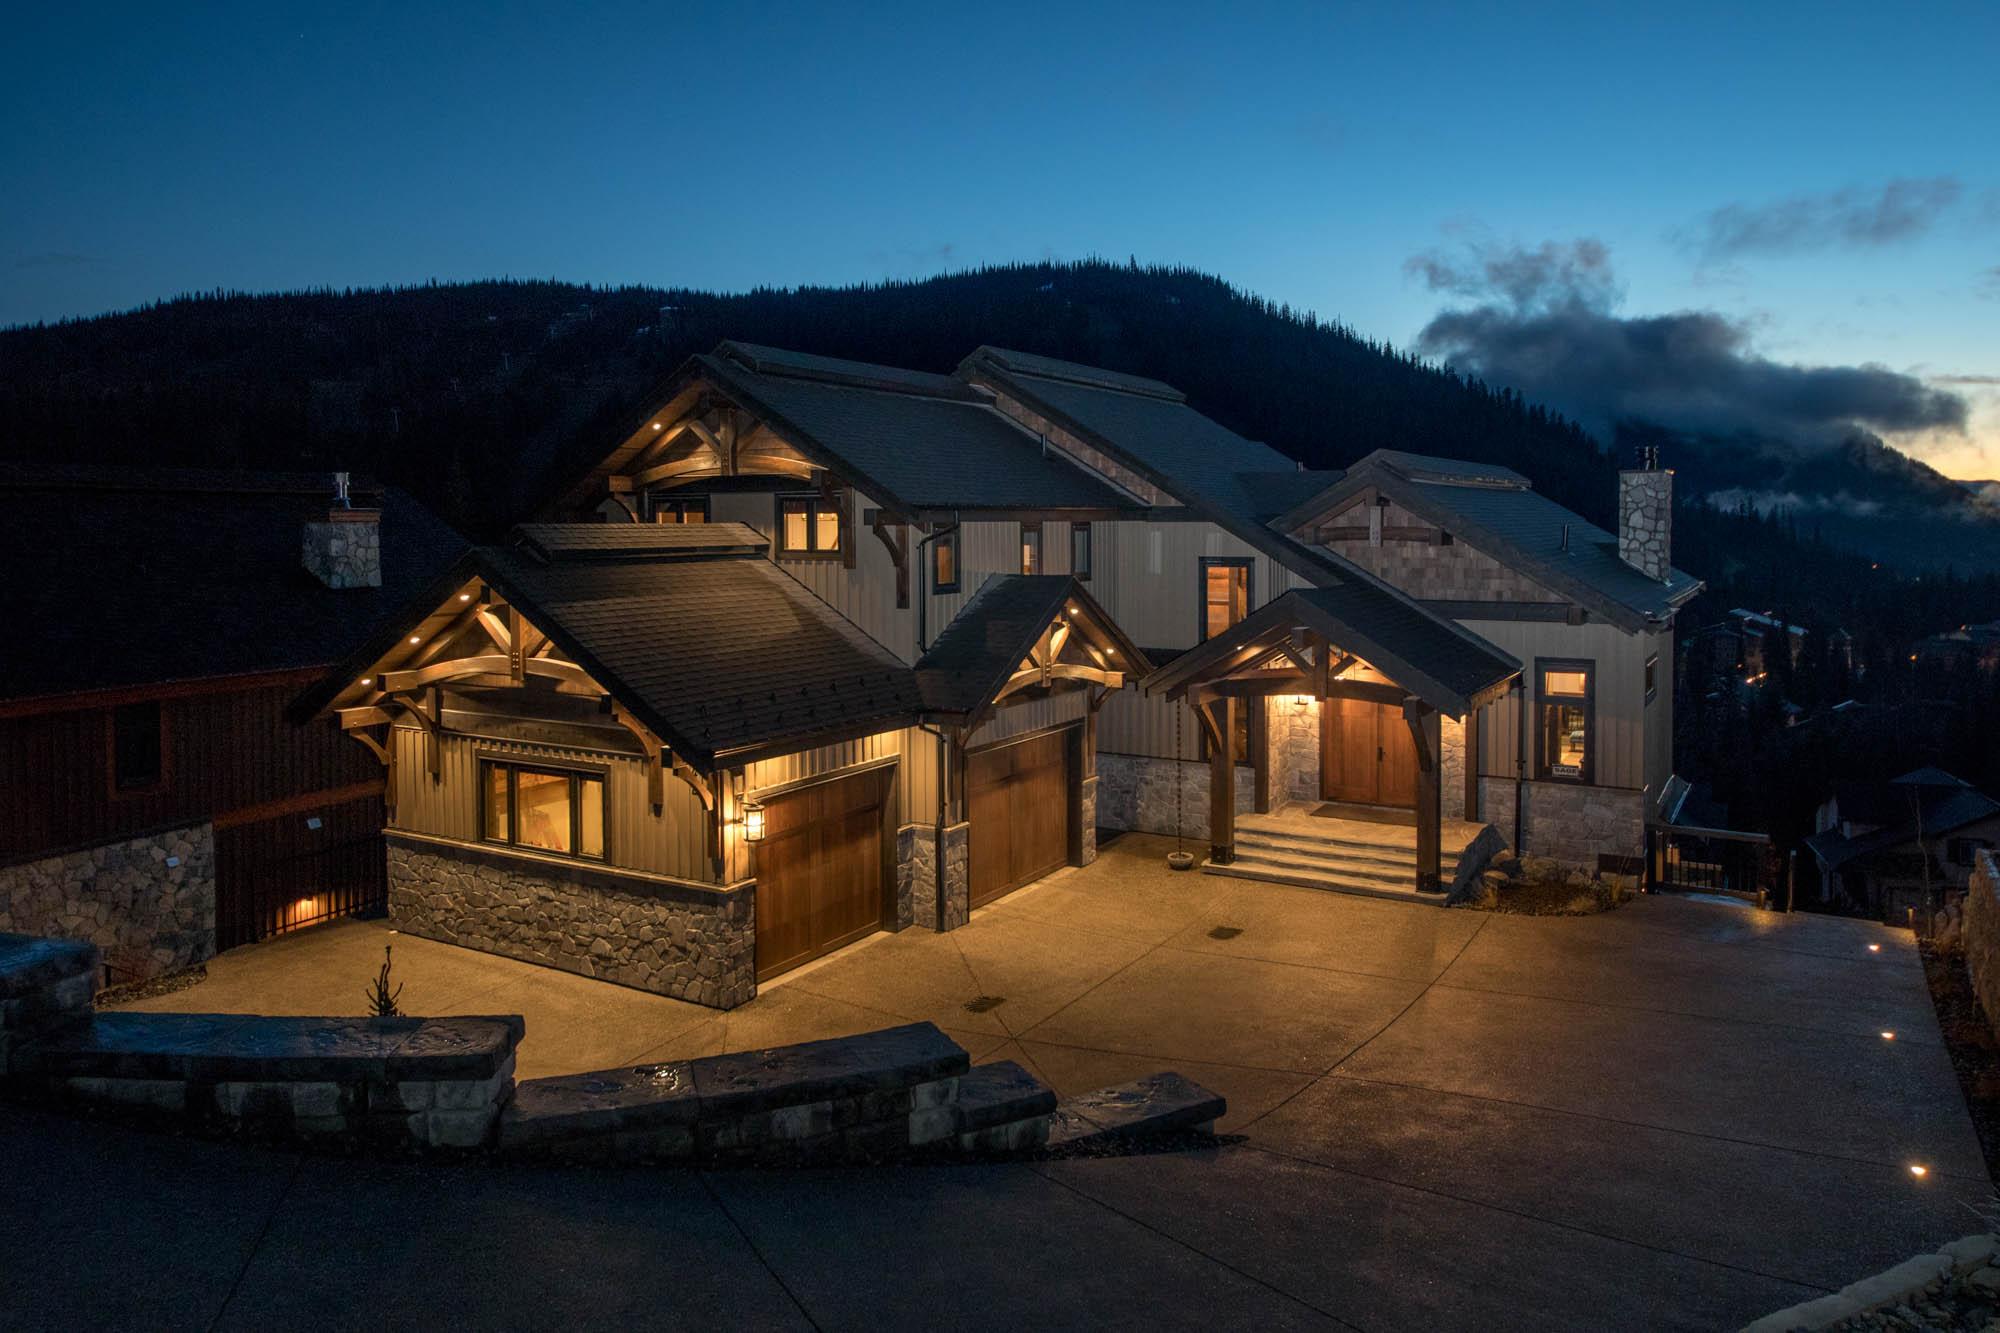 fruitesborras.com] 100+ Log Home Designers Images | The Best Home ...